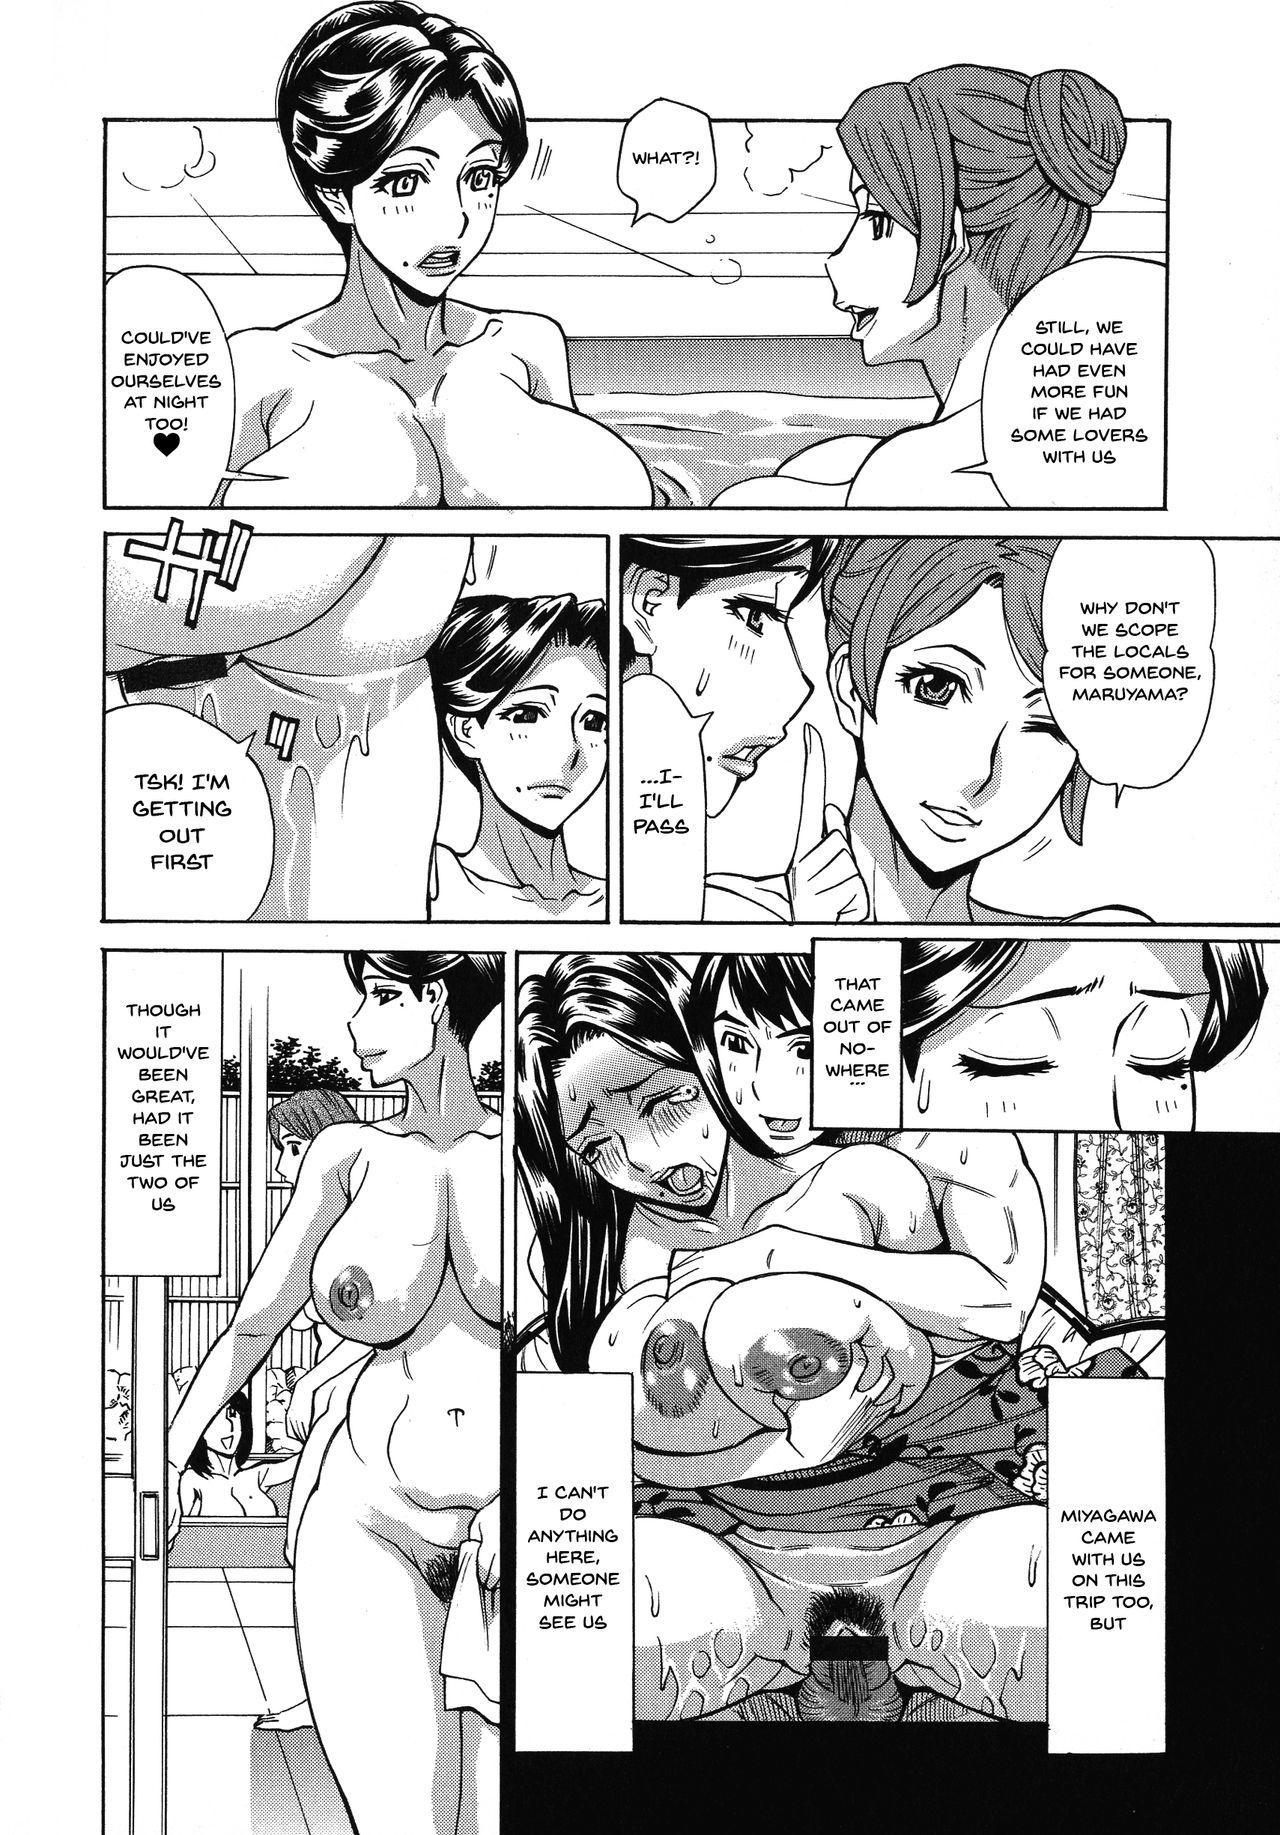 [Makibe Kataru] Hitozuma Koi Hanabi ~Hajimete no Furin ga 3P ni Itaru made~ Ch.1-9 [English] {Doujins.com} 22